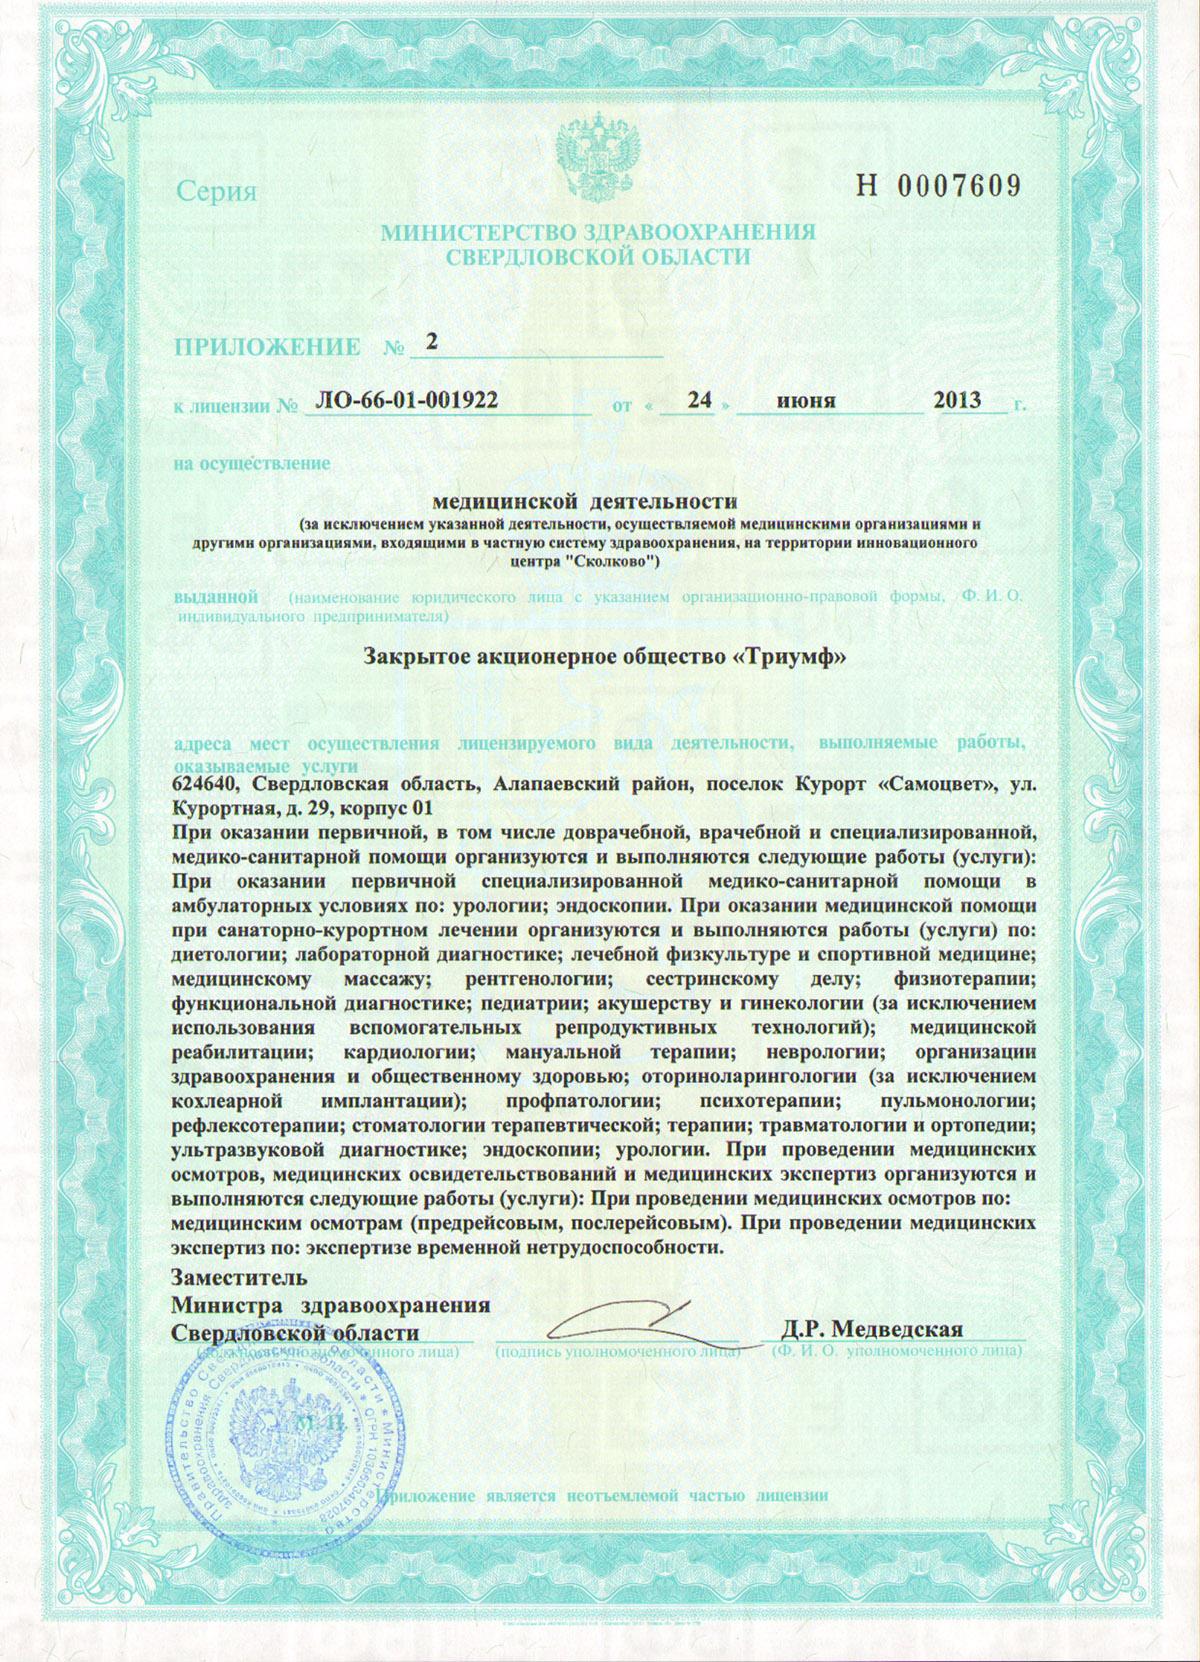 Купить авиабилеты в алапаевске билеты самолет анапа новосибирск